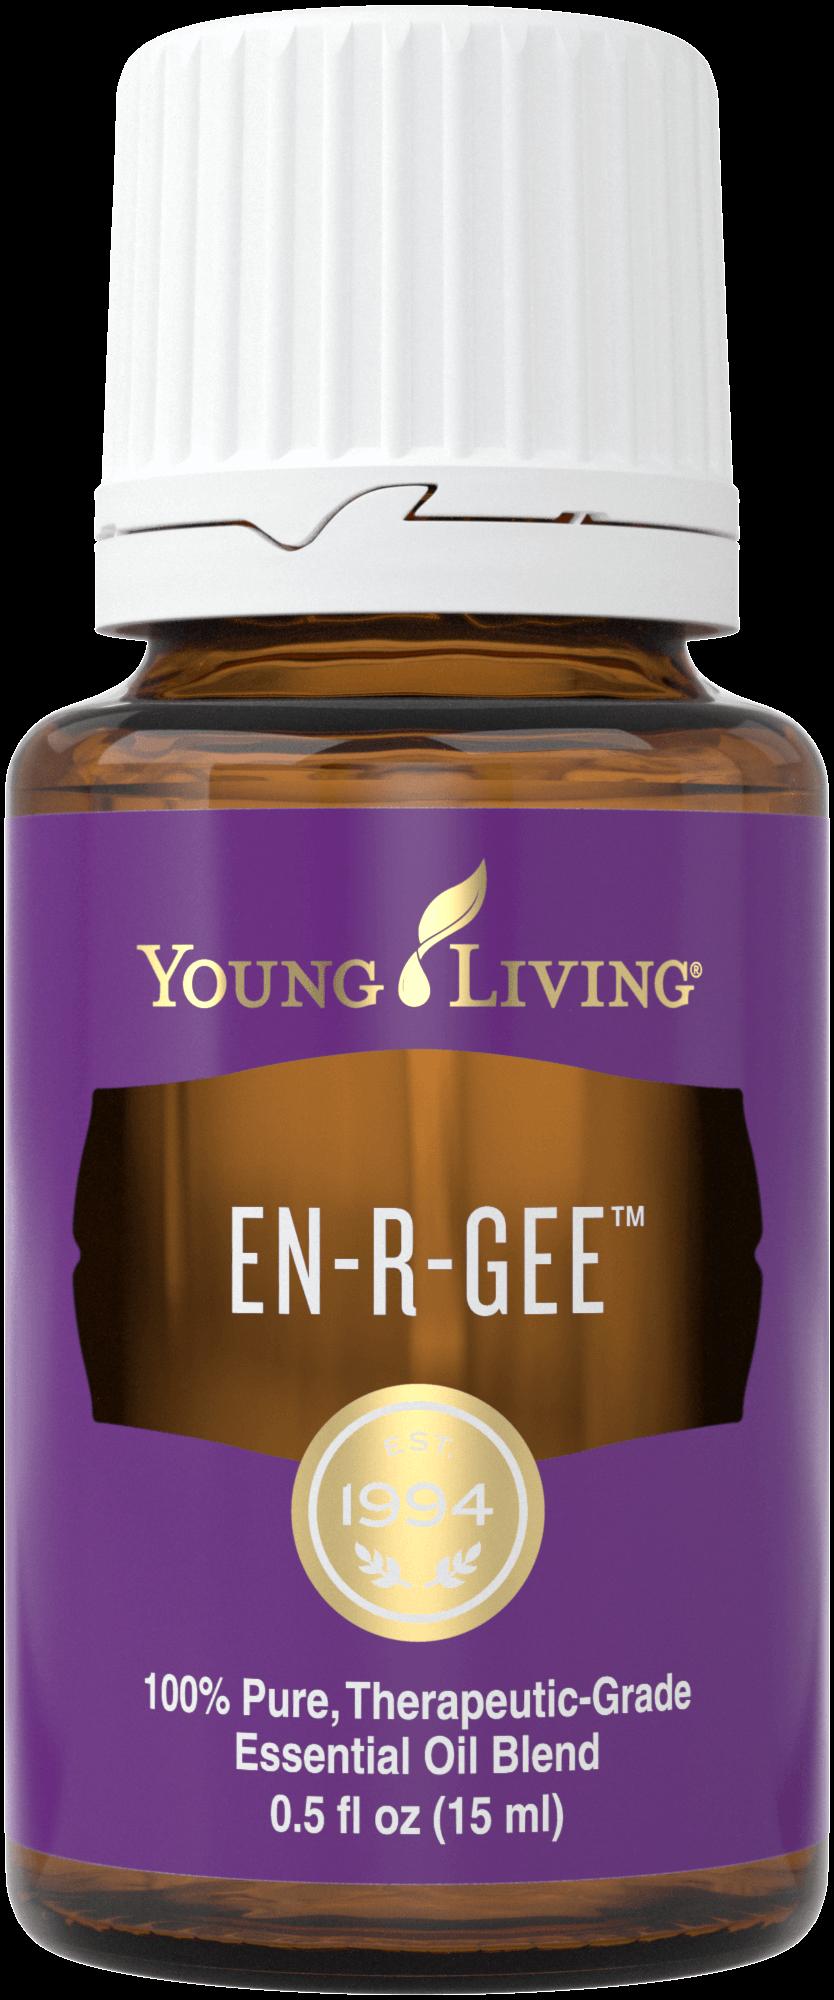 Ätherisches Öl Young Living: En–R–Gee (Energie) 15ml